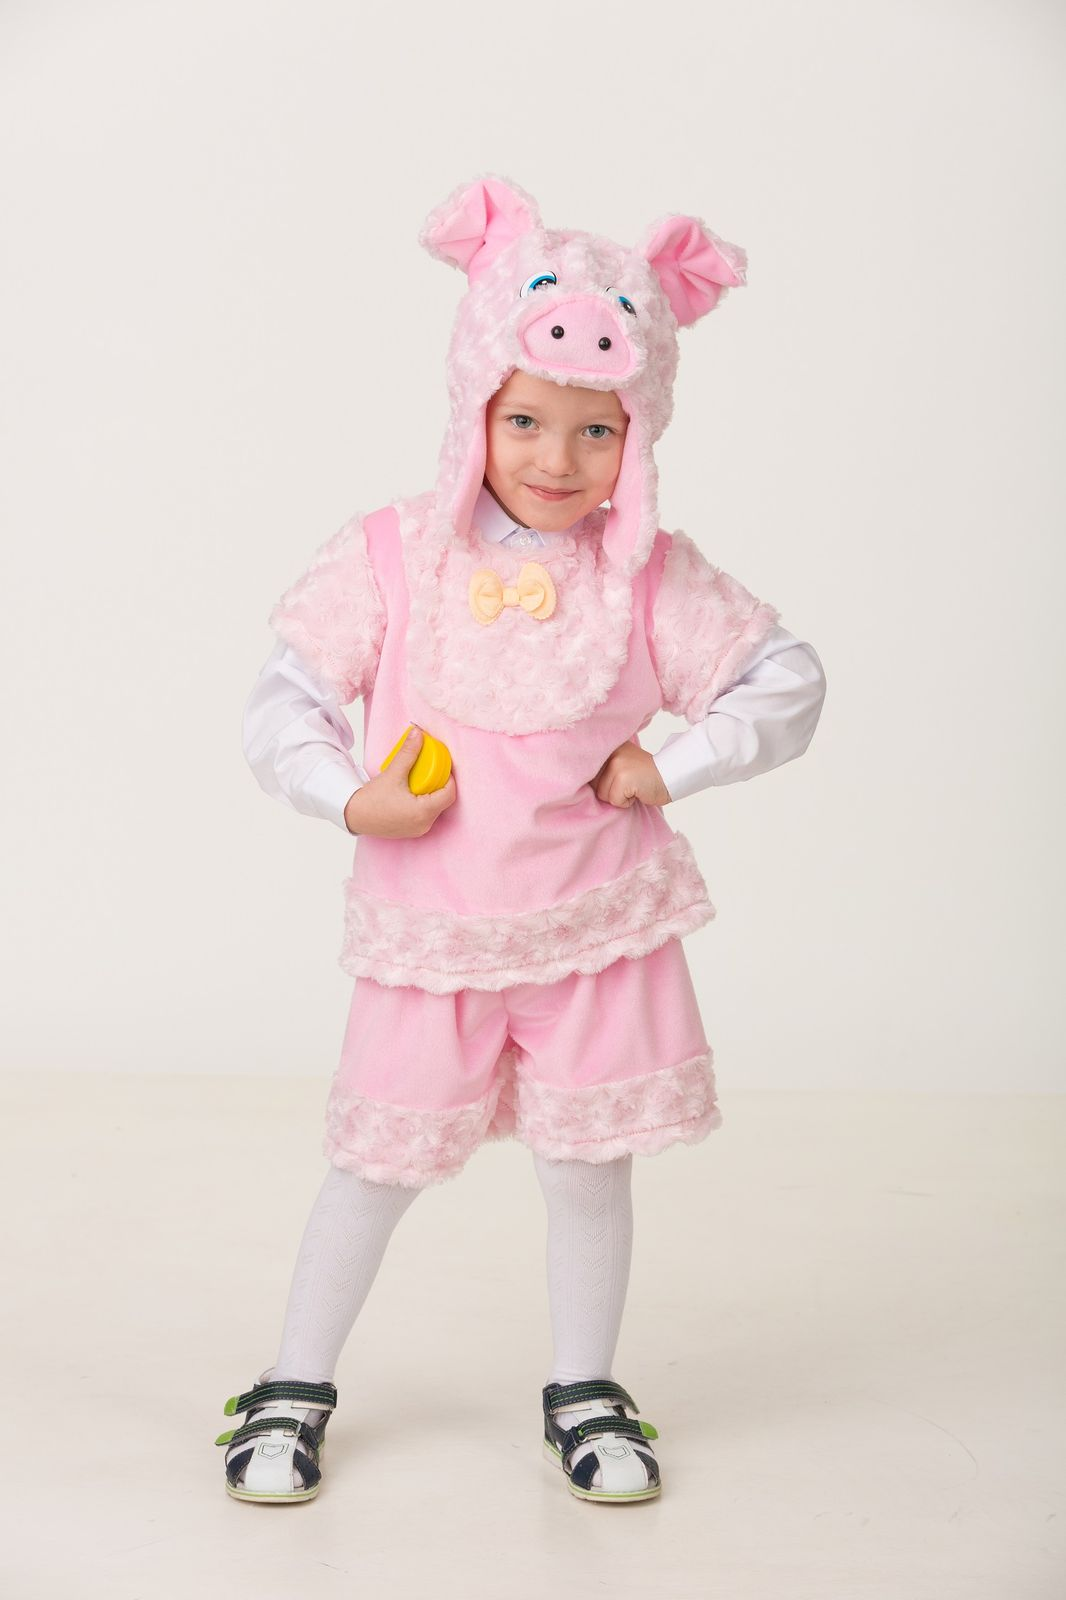 Карнавальный костюм Jeanees Поросёнок Рюрик, цвет: розовый. Размер: 28 карнавальный костюм jeanees зайчонок хвастунишка цвет голубой размер 24